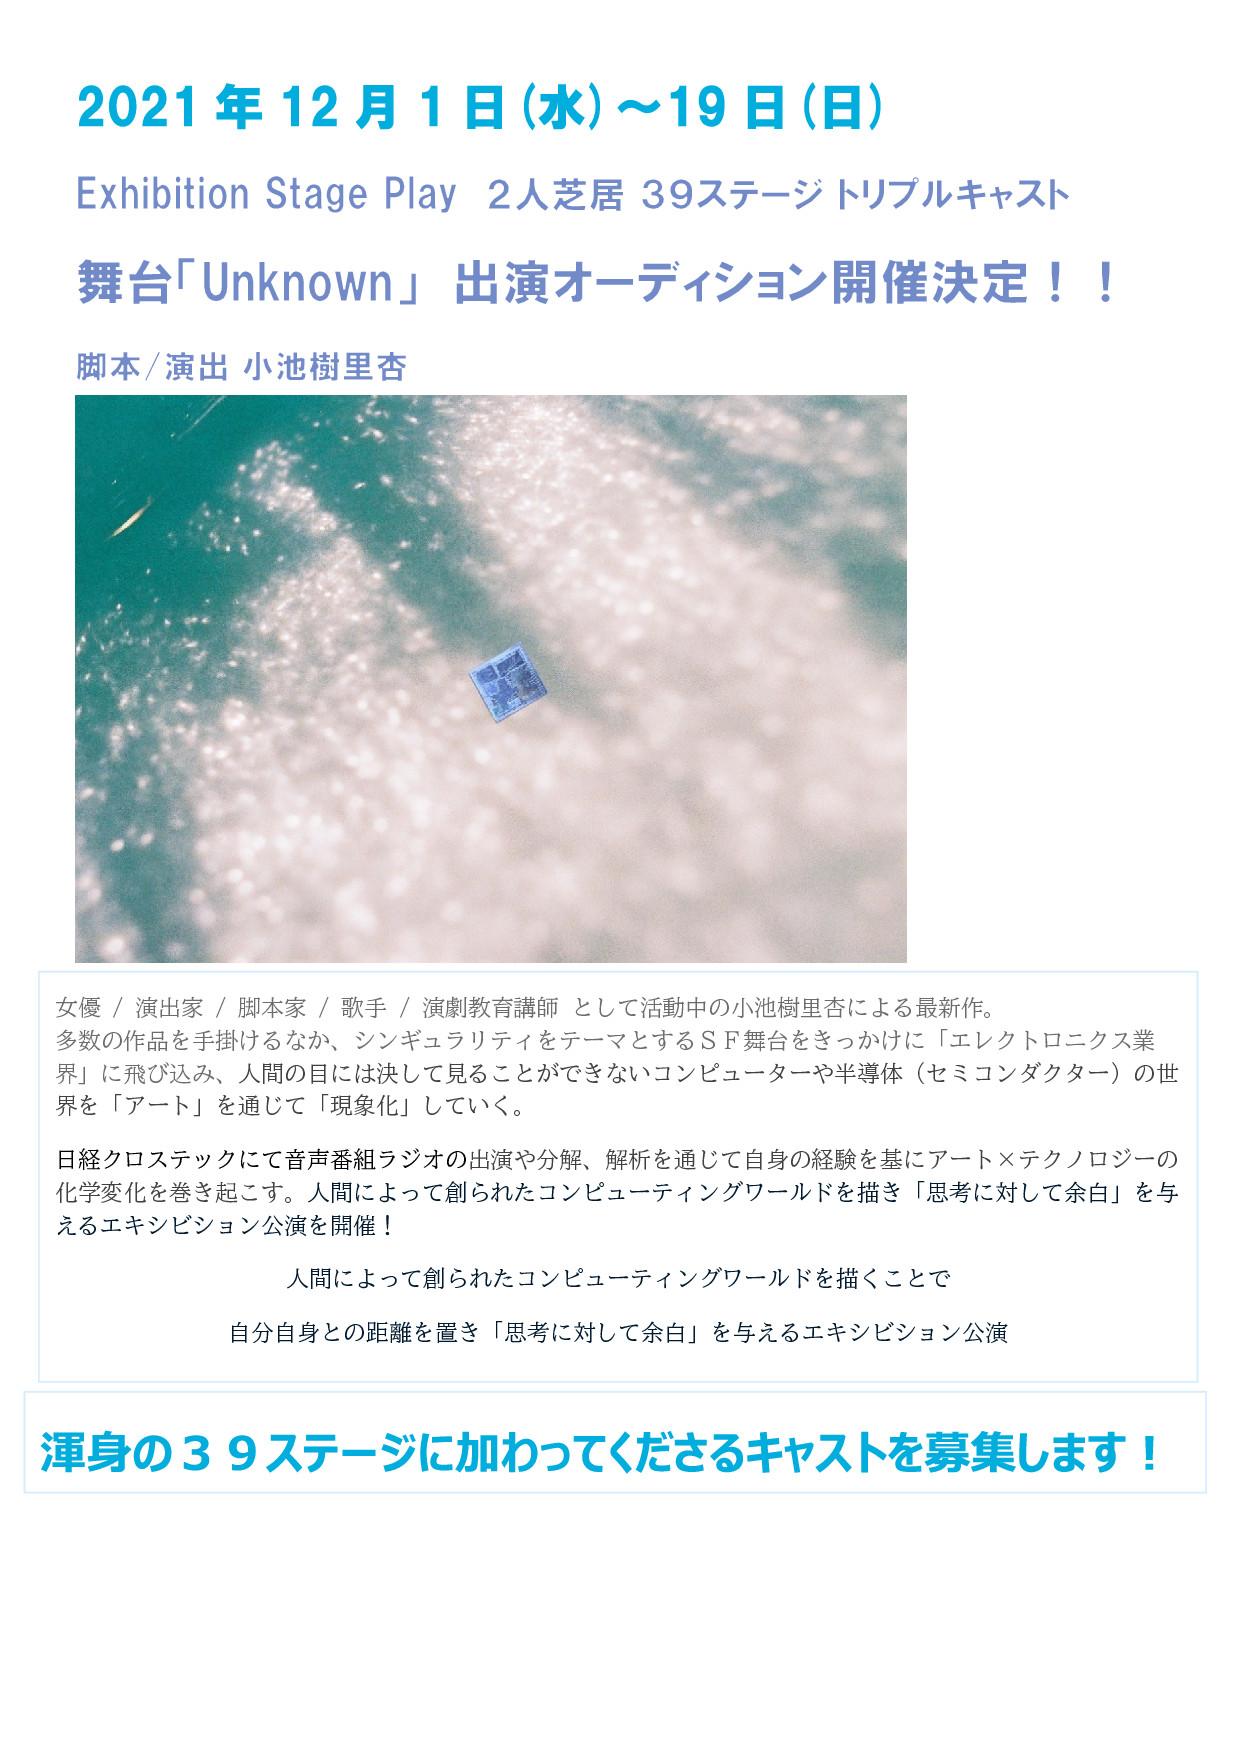 オーディション 舞台「Unknown」出演者オーディション 人間によって創られたコンピューティングワールドを描くエキシビション公演 主催:舞台「Unknown」制作委員会、カテゴリ:舞台